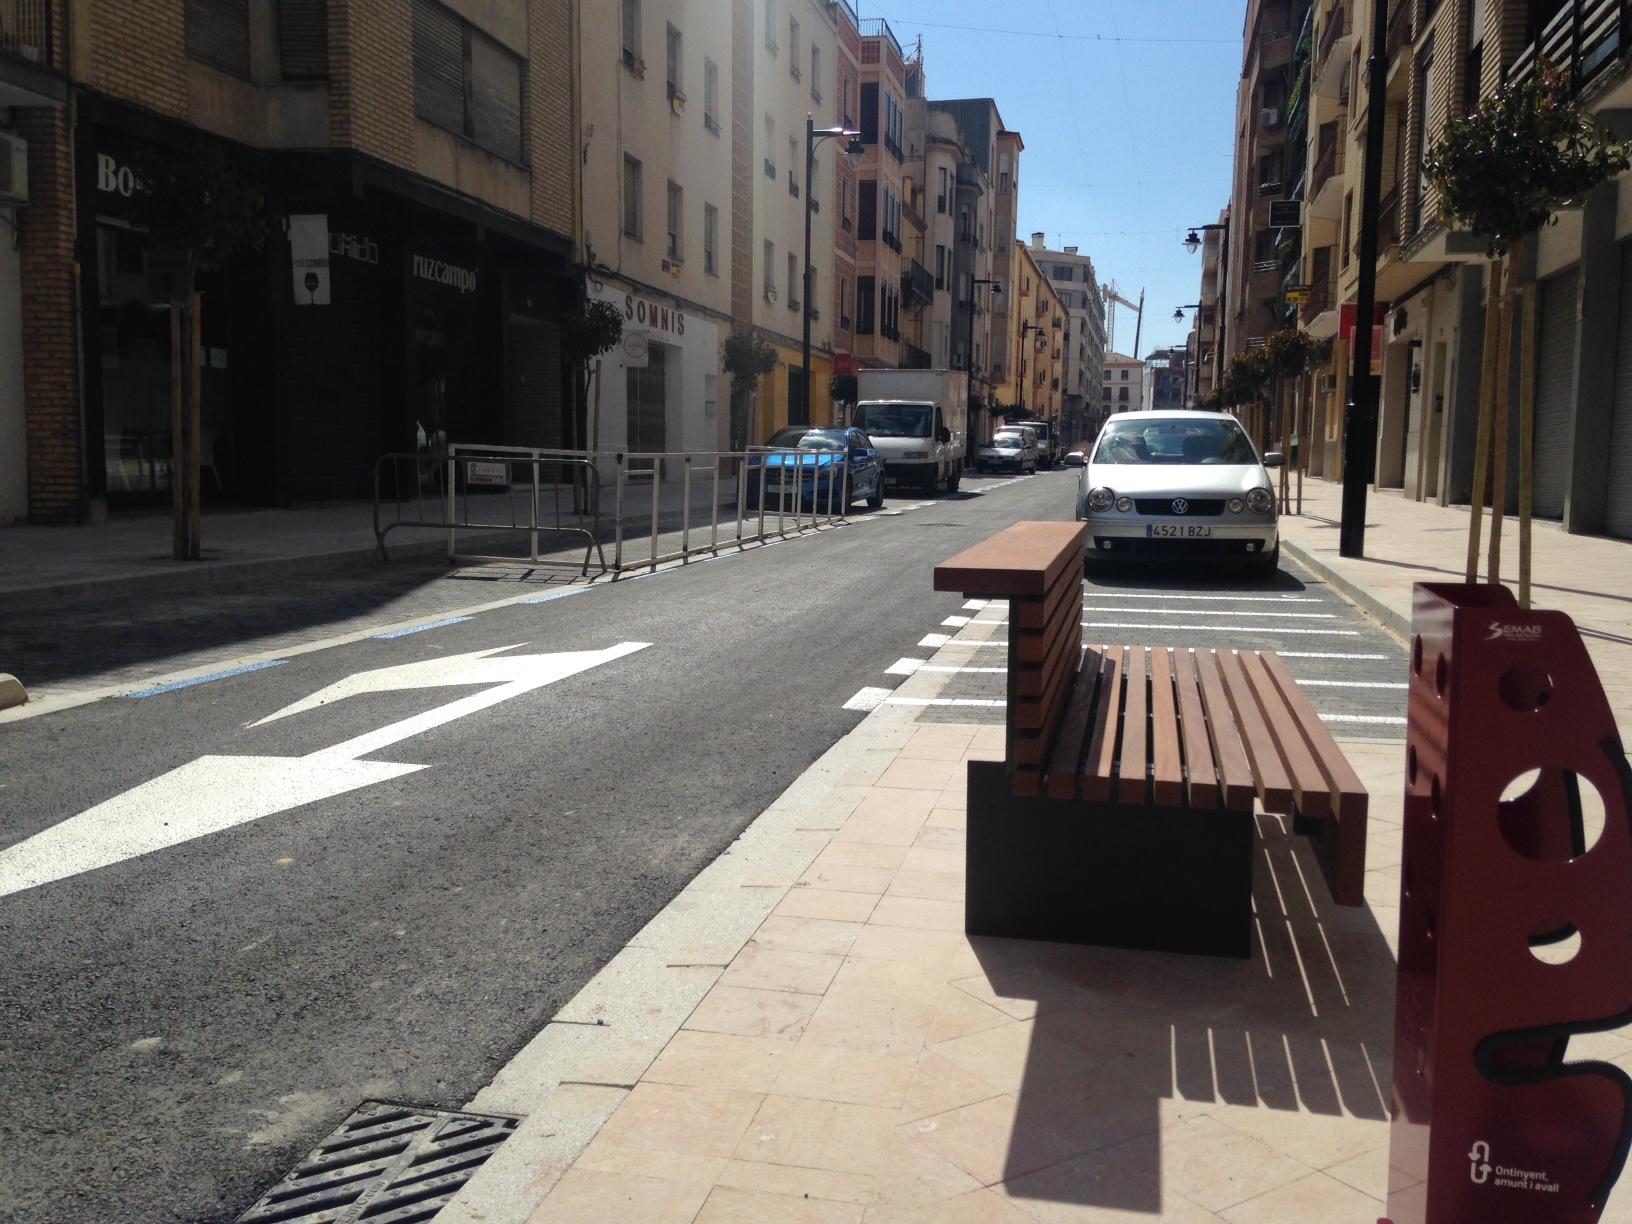 Obert al trànsit el primer tram de Martínez Valls després de la reforma El Periòdic d'Ontinyent